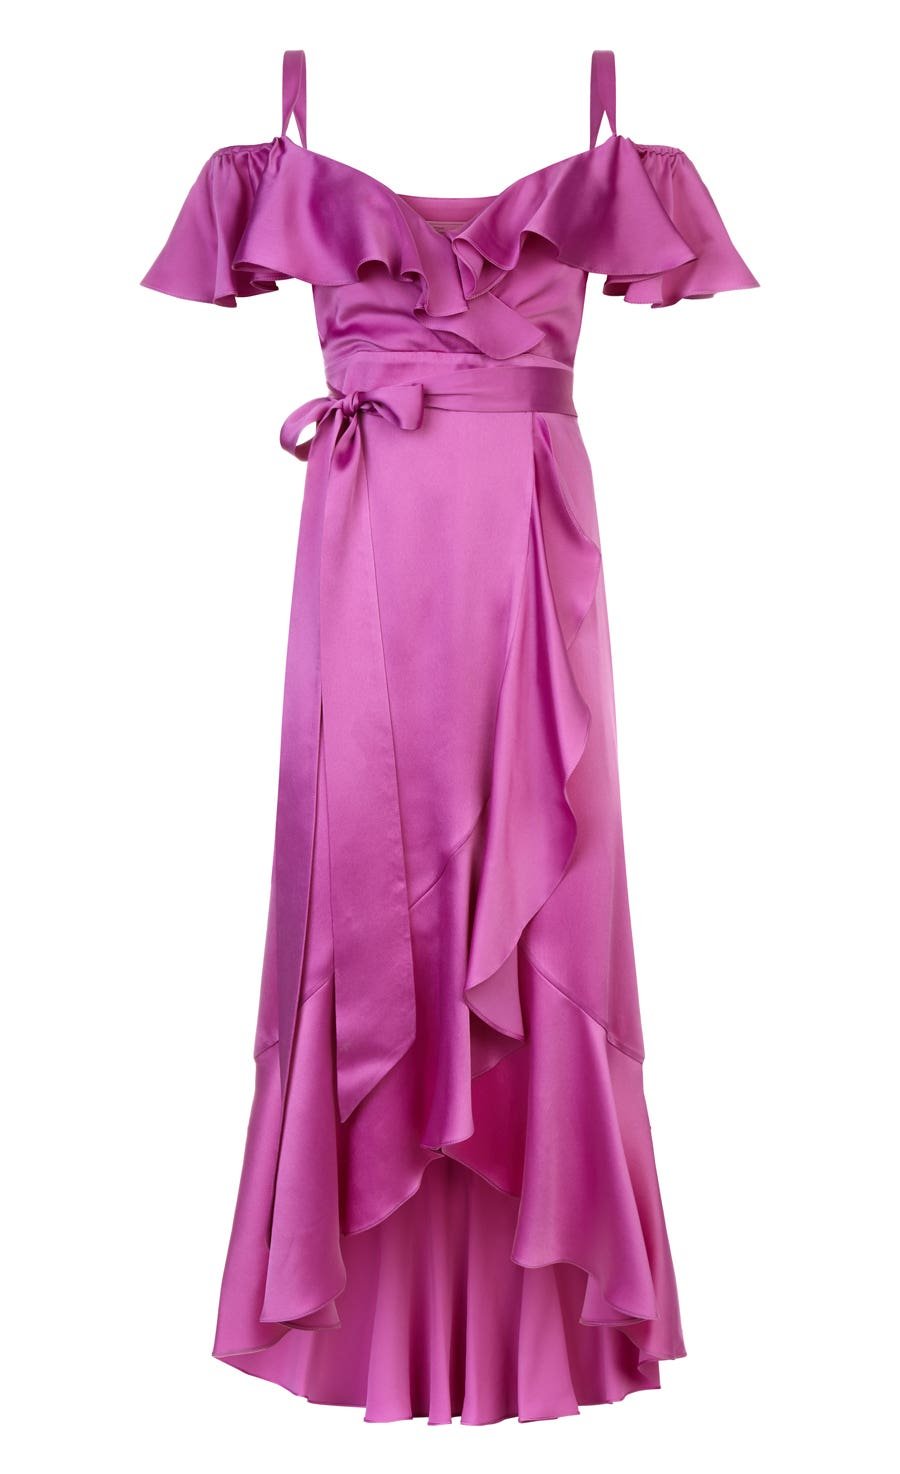 Carnation Dress, Amethyst